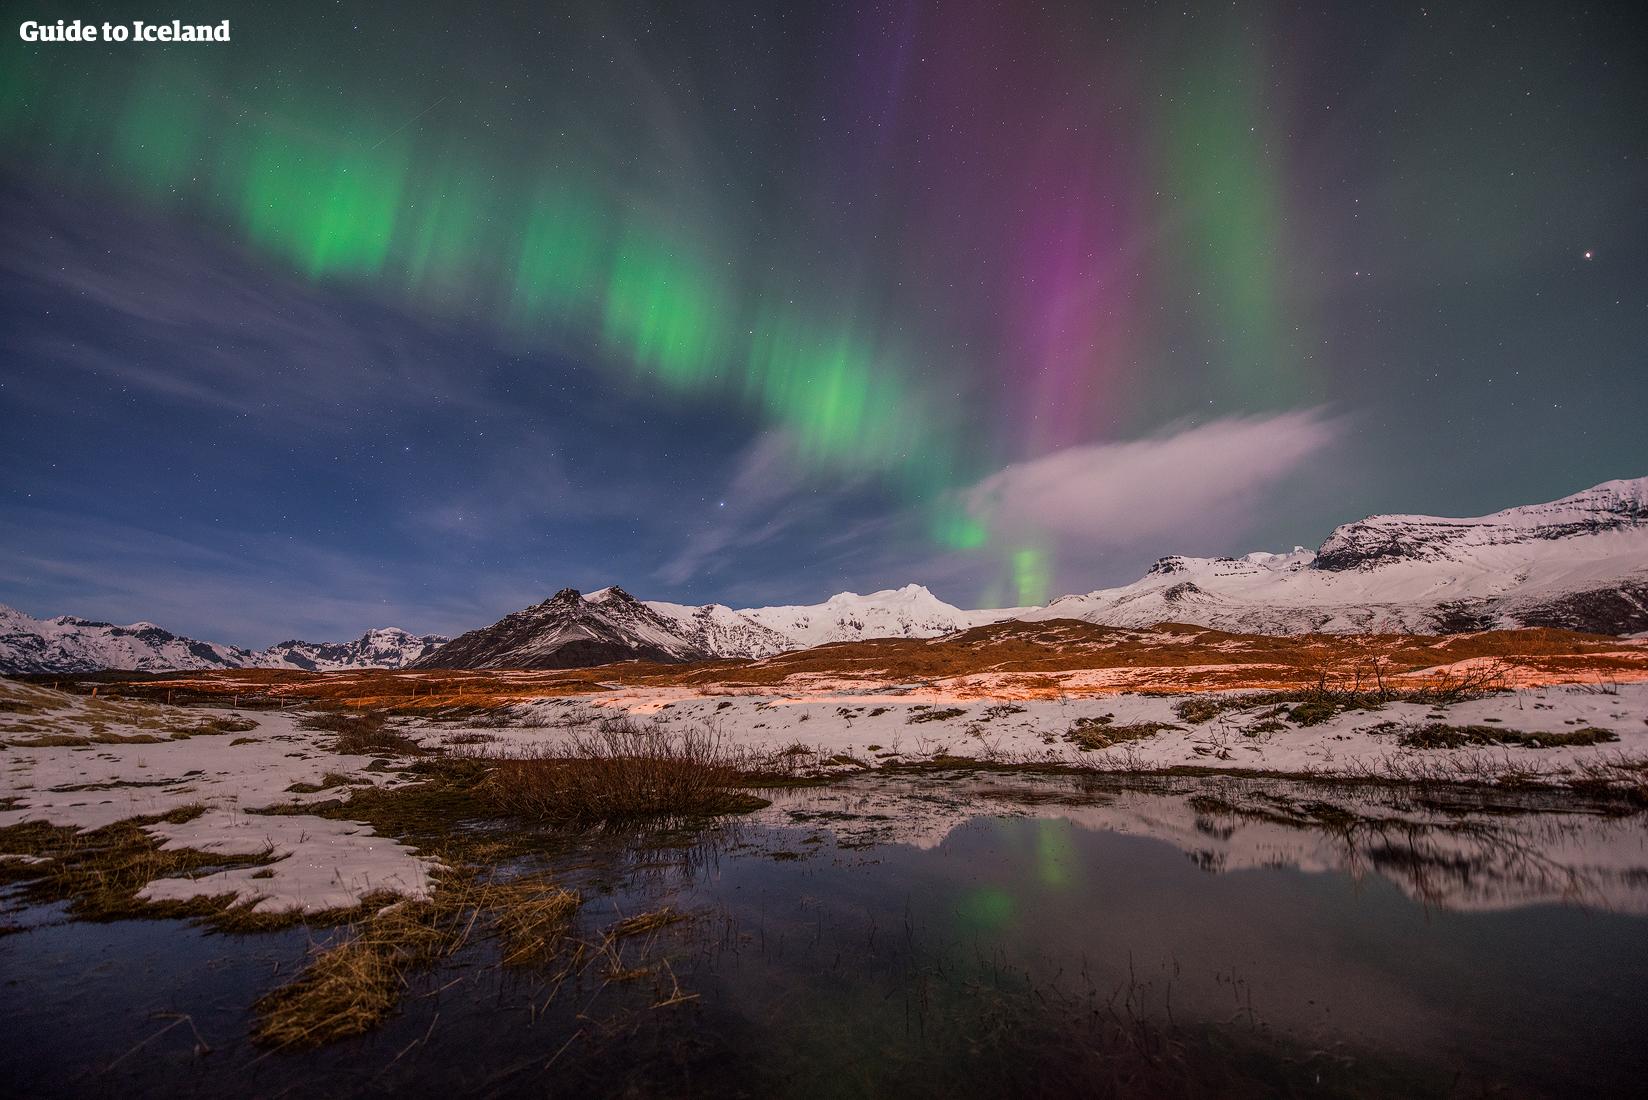 Reis in de winter door IJsland en zie het noorderlicht in de hemel boven je dansen.